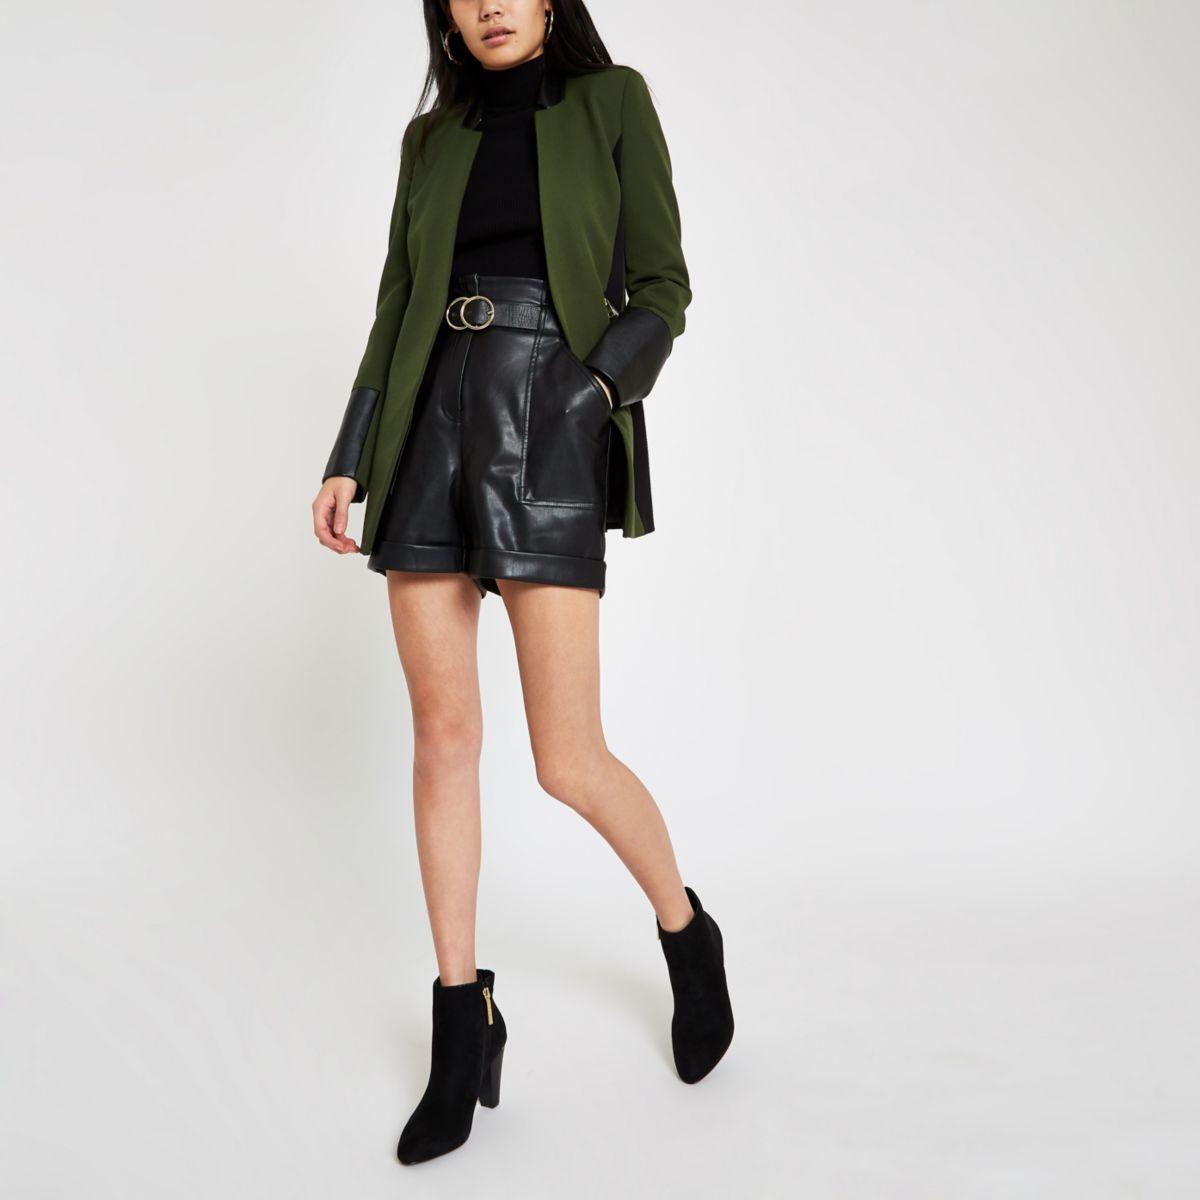 Khaki green leather trim blazer